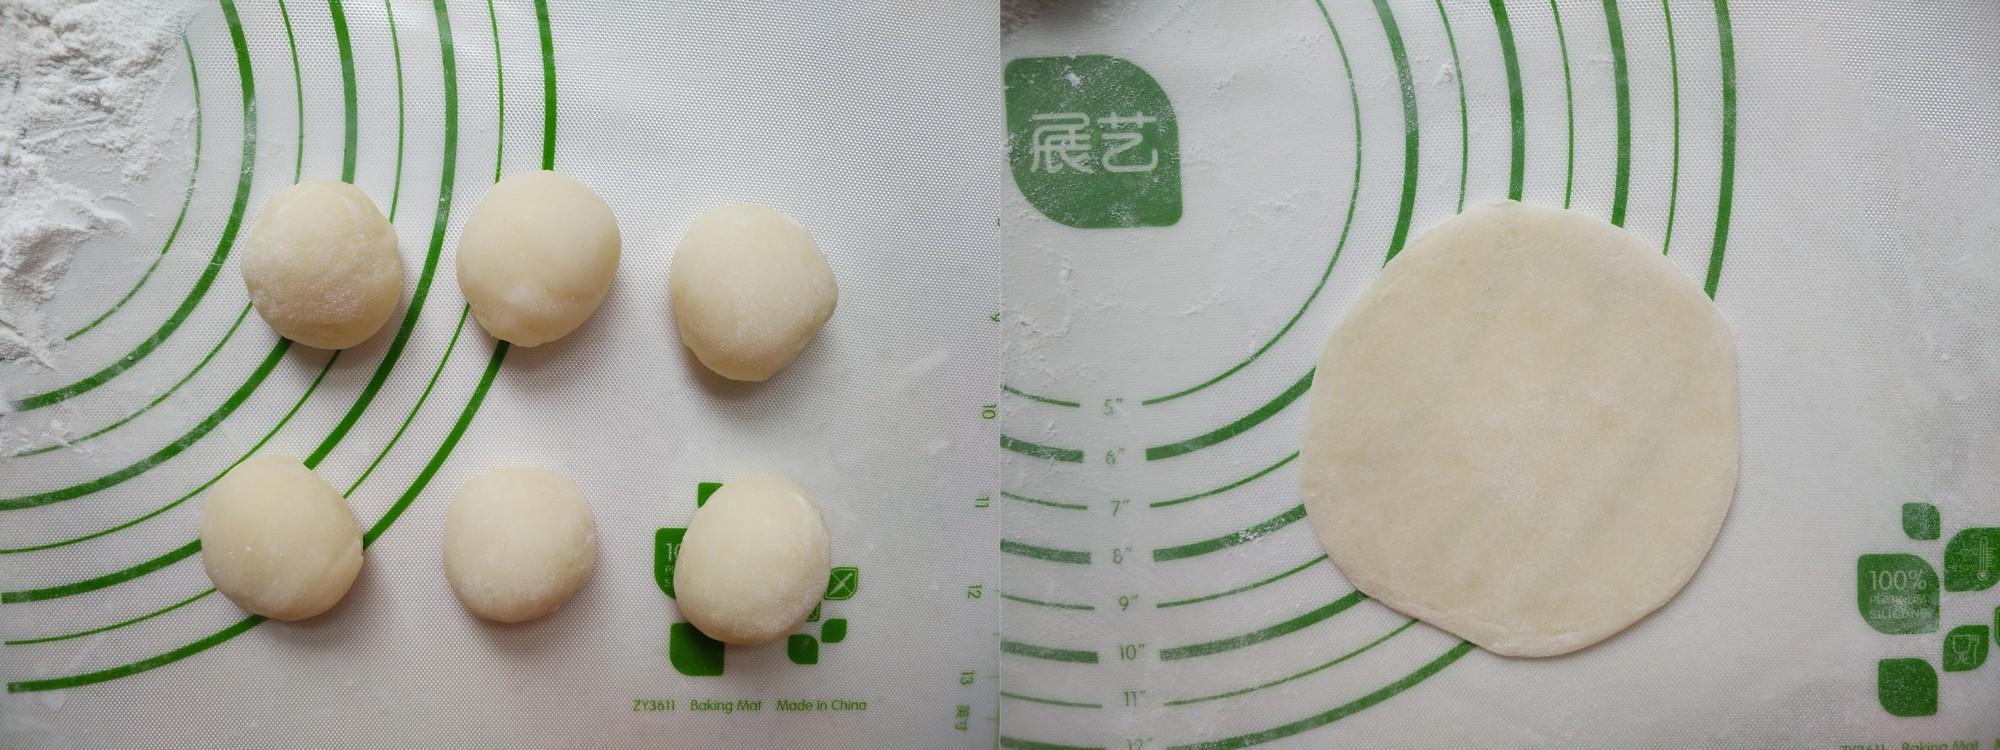 Người Nhật có món bánh mochi dẻo thơm vô đối, bạn cũng có thể làm được một cách dễ dàng!